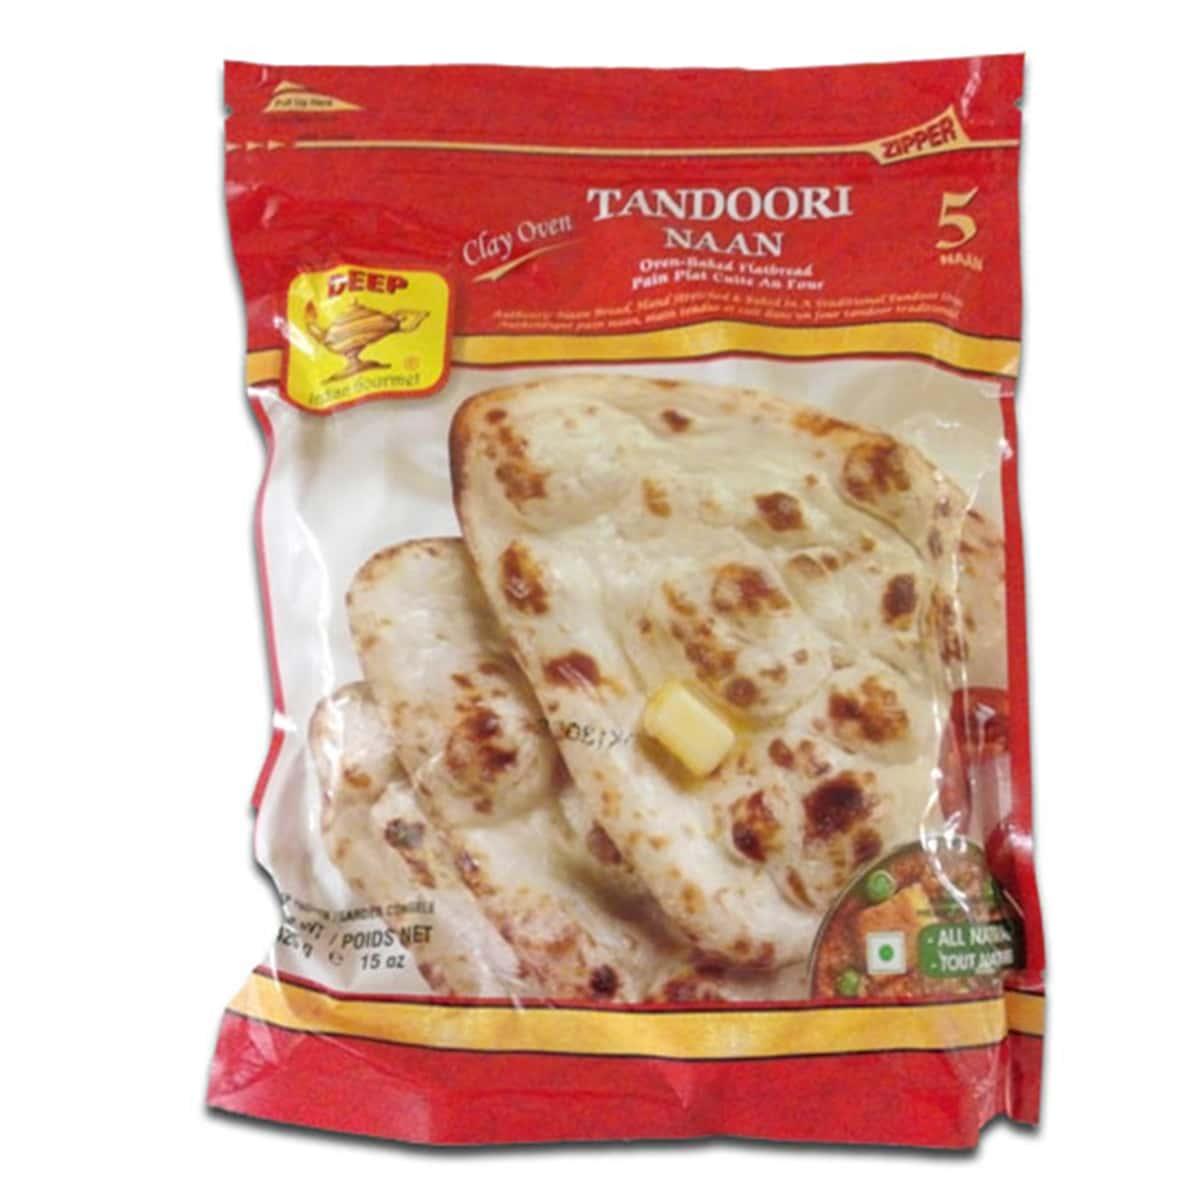 Buy Deep Foods Tandoori Naan 5 Pcs (Frozen) - 425 gm